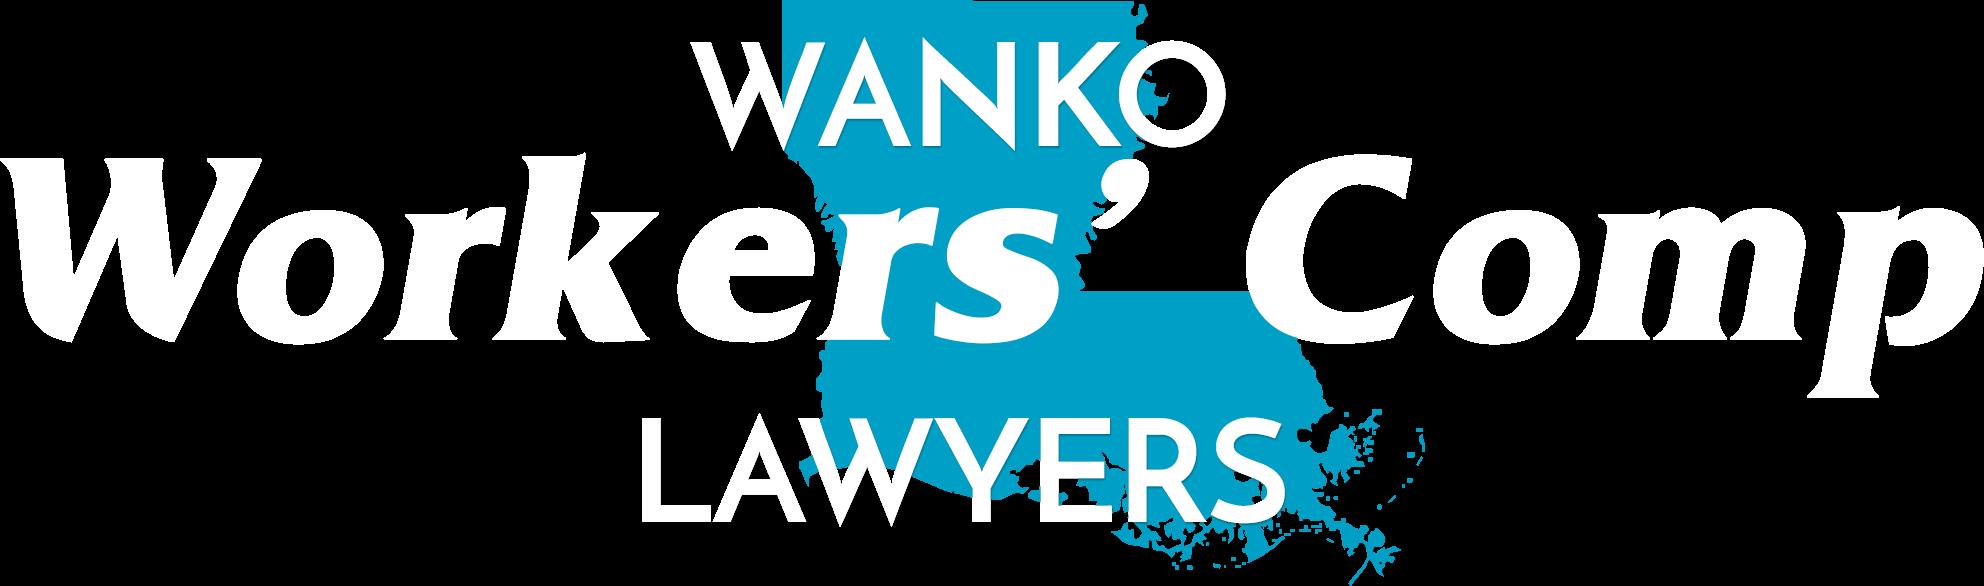 wanko logo